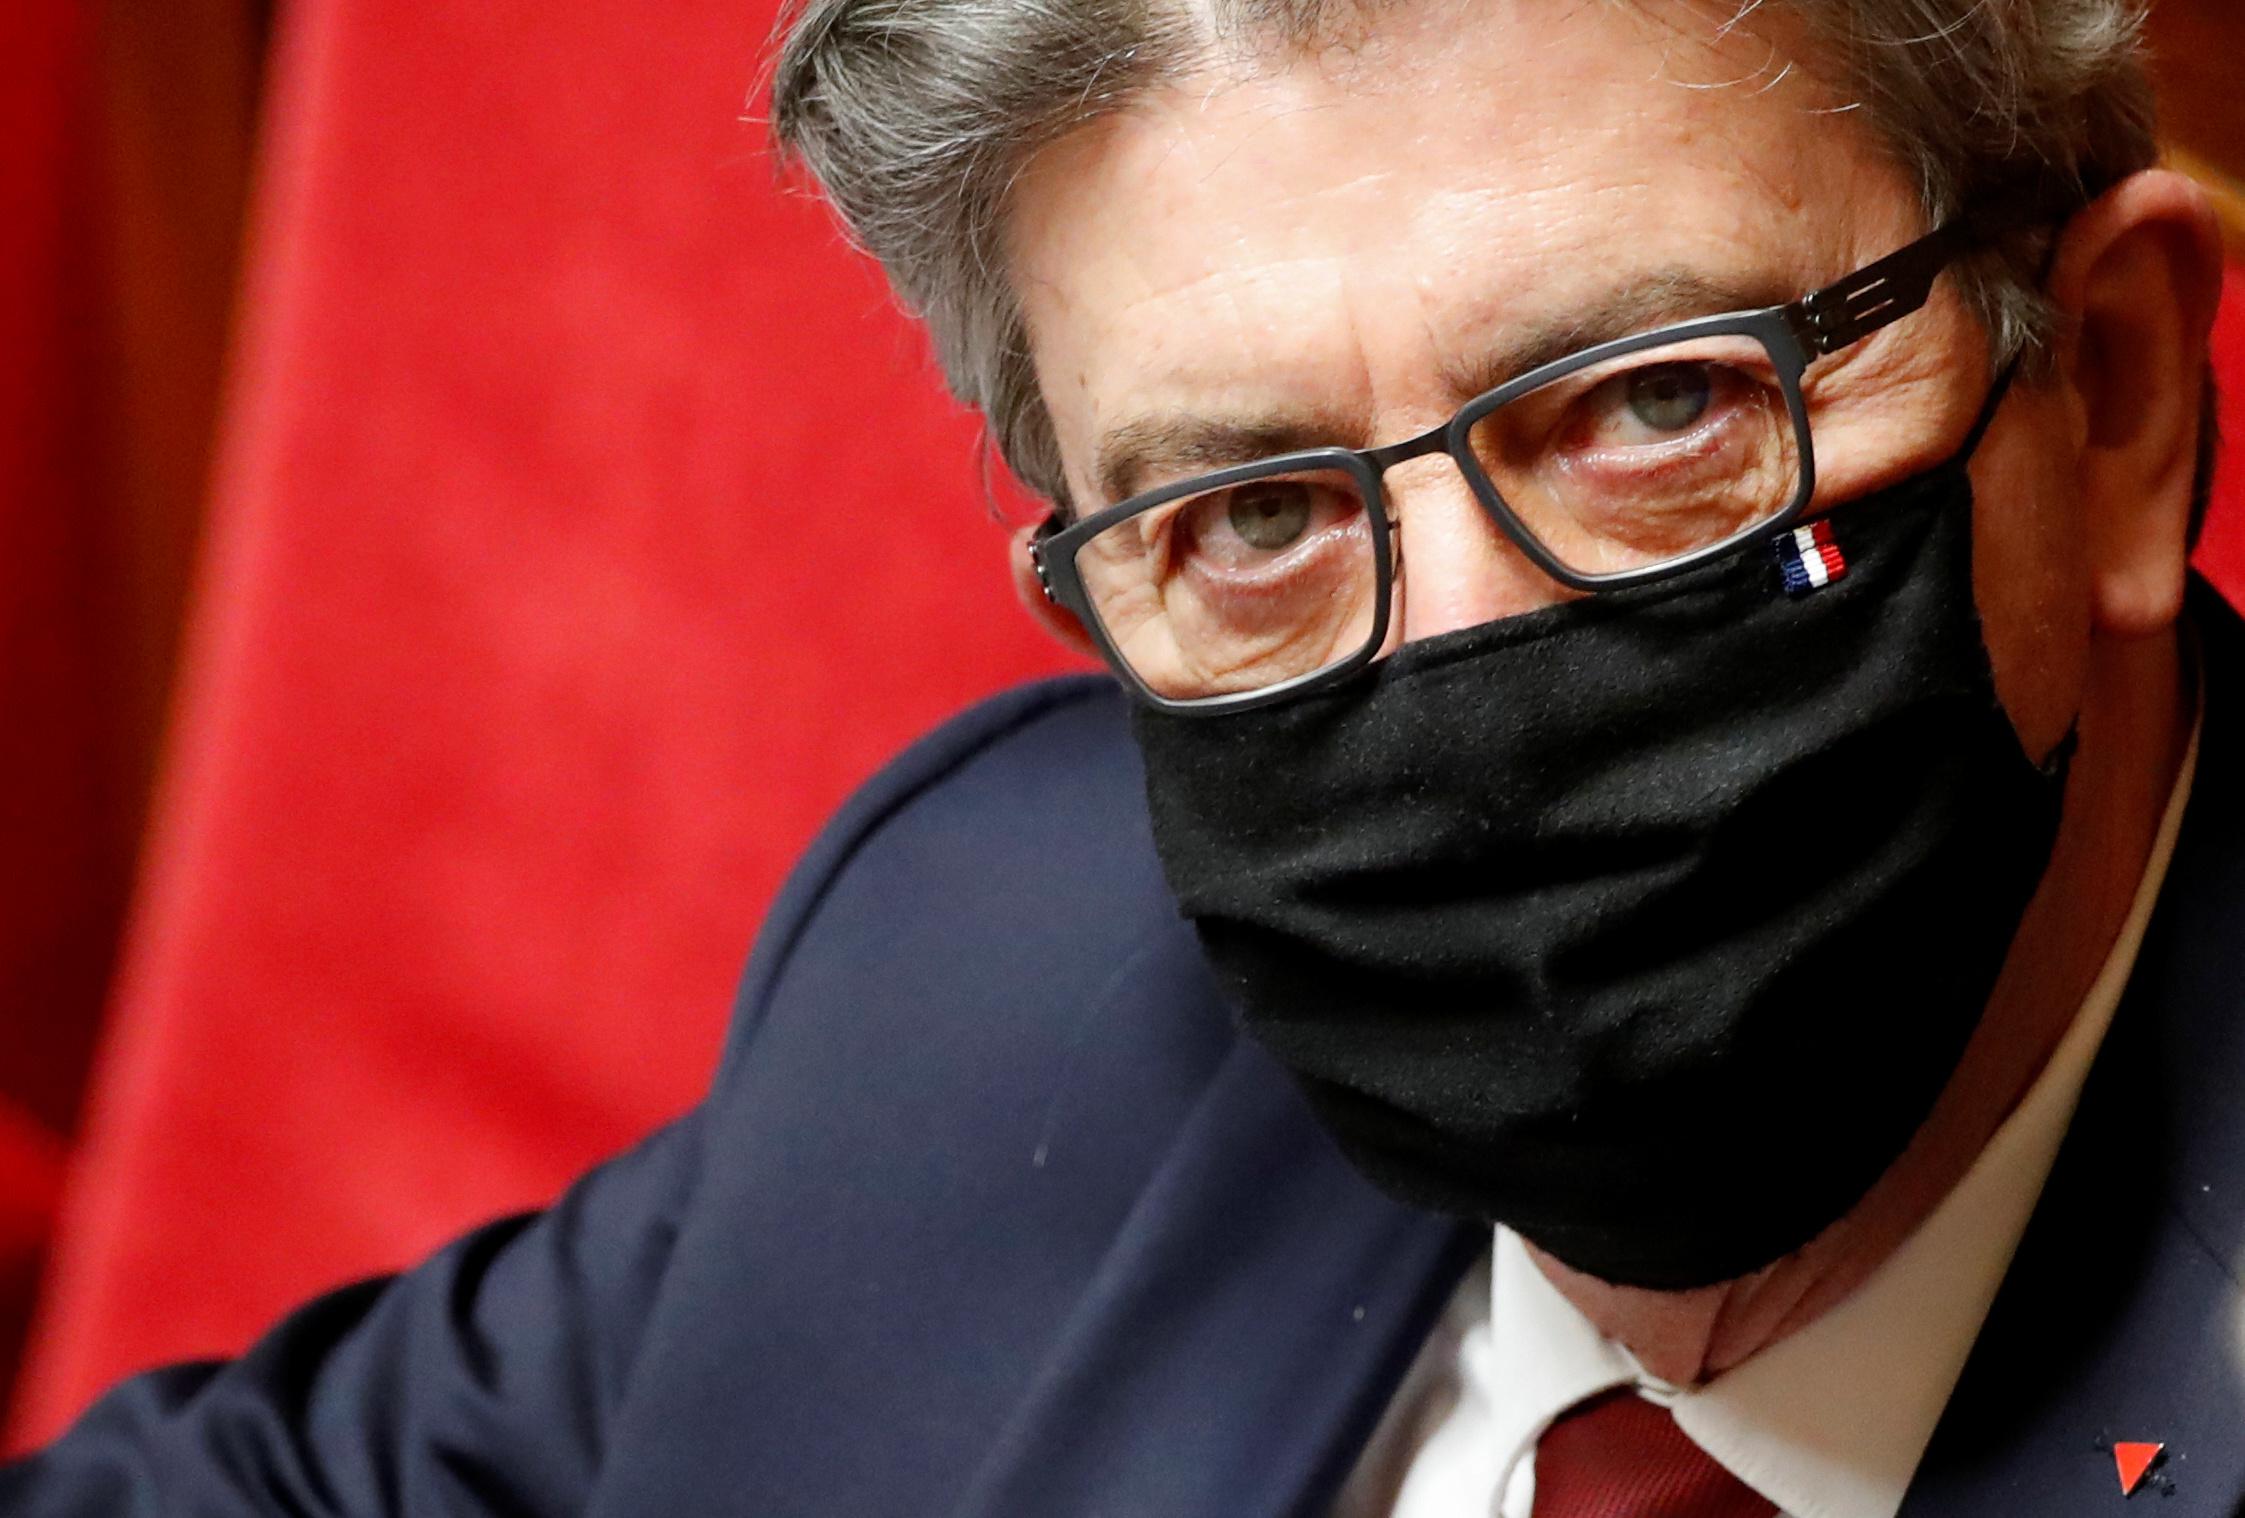 Présidentielle: Jean-Luc Mélenchon prendra sa décision en octobre